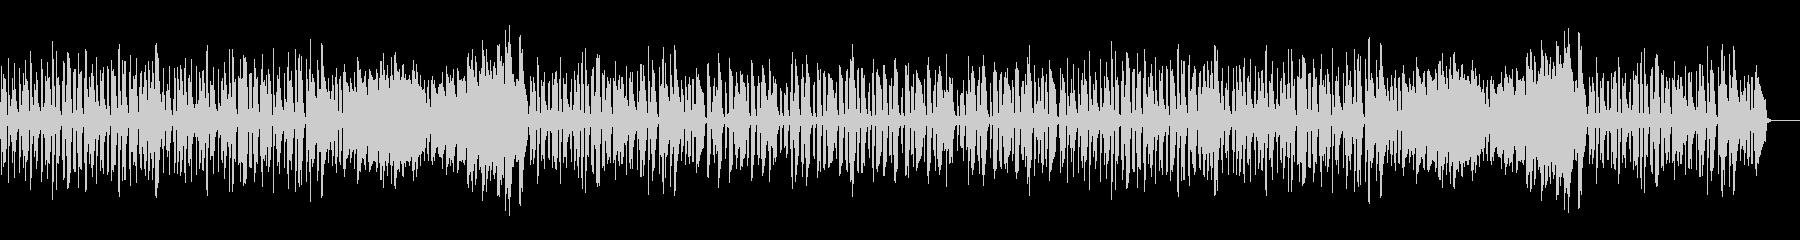 可愛く跳ねるワルツ・ピアノソロの未再生の波形